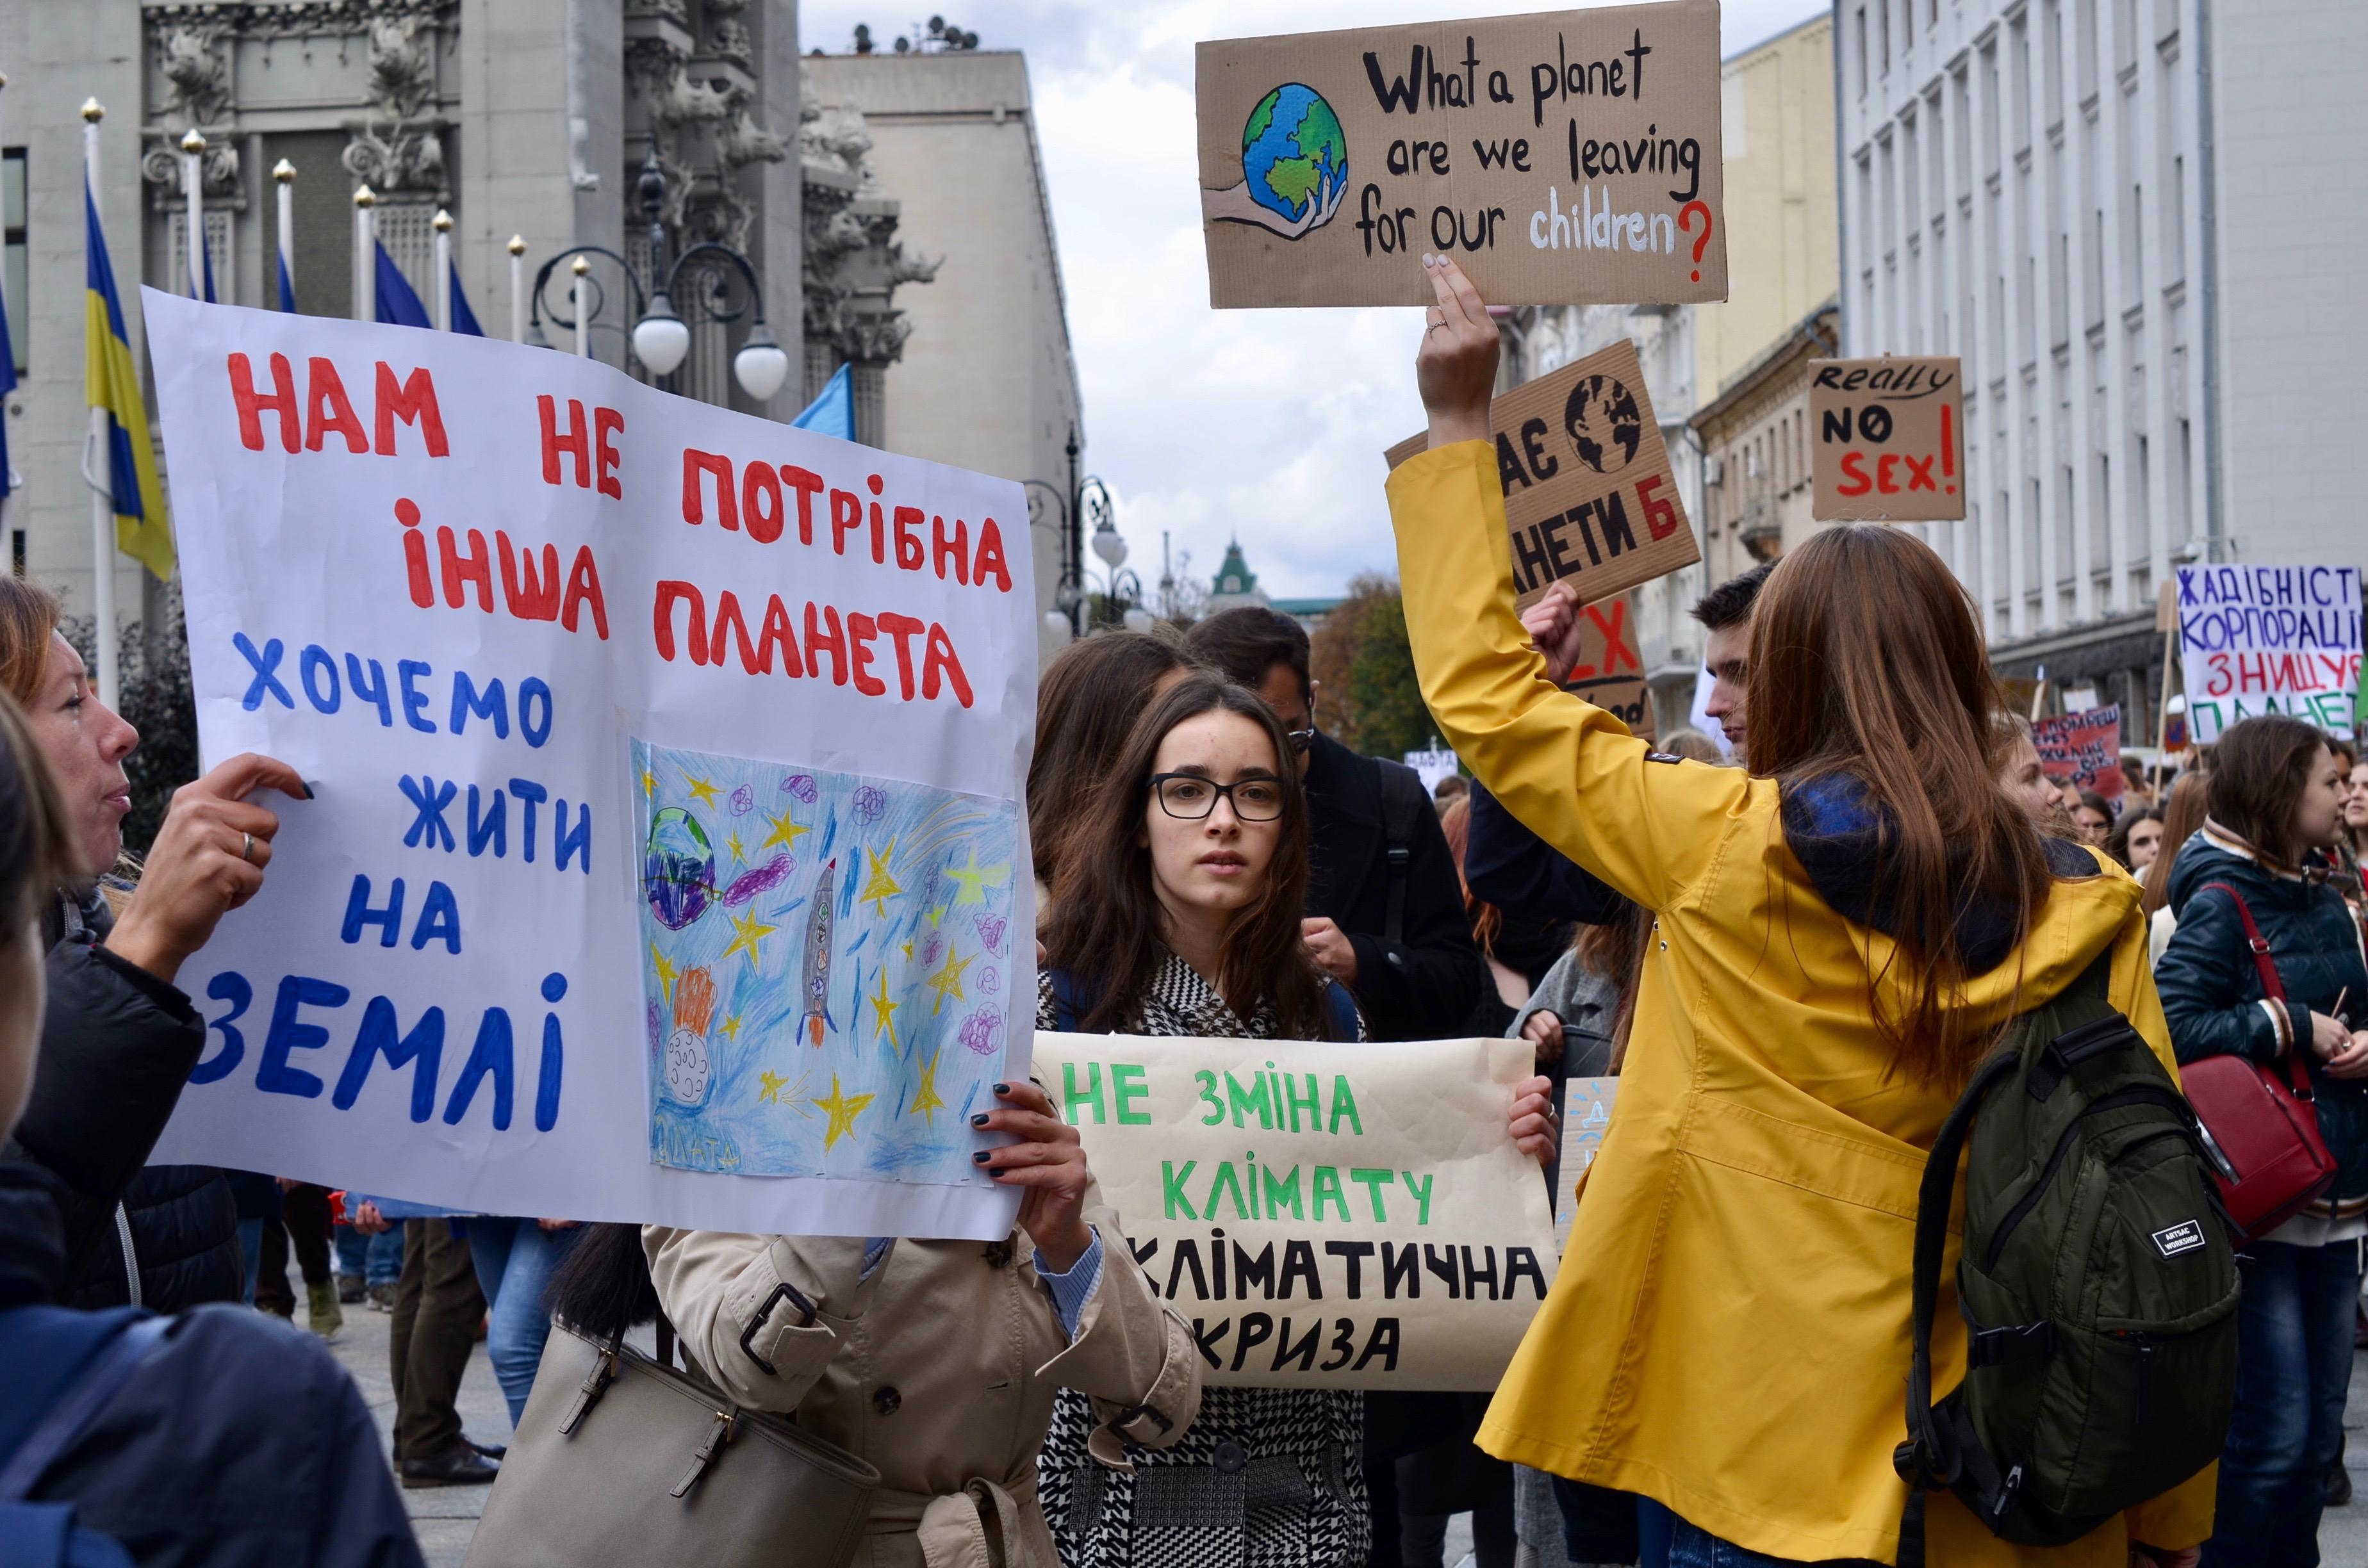 Моя хата не с краю: украинцы приняли участие в международном климатическом страйке.Вокруг Света. Украина